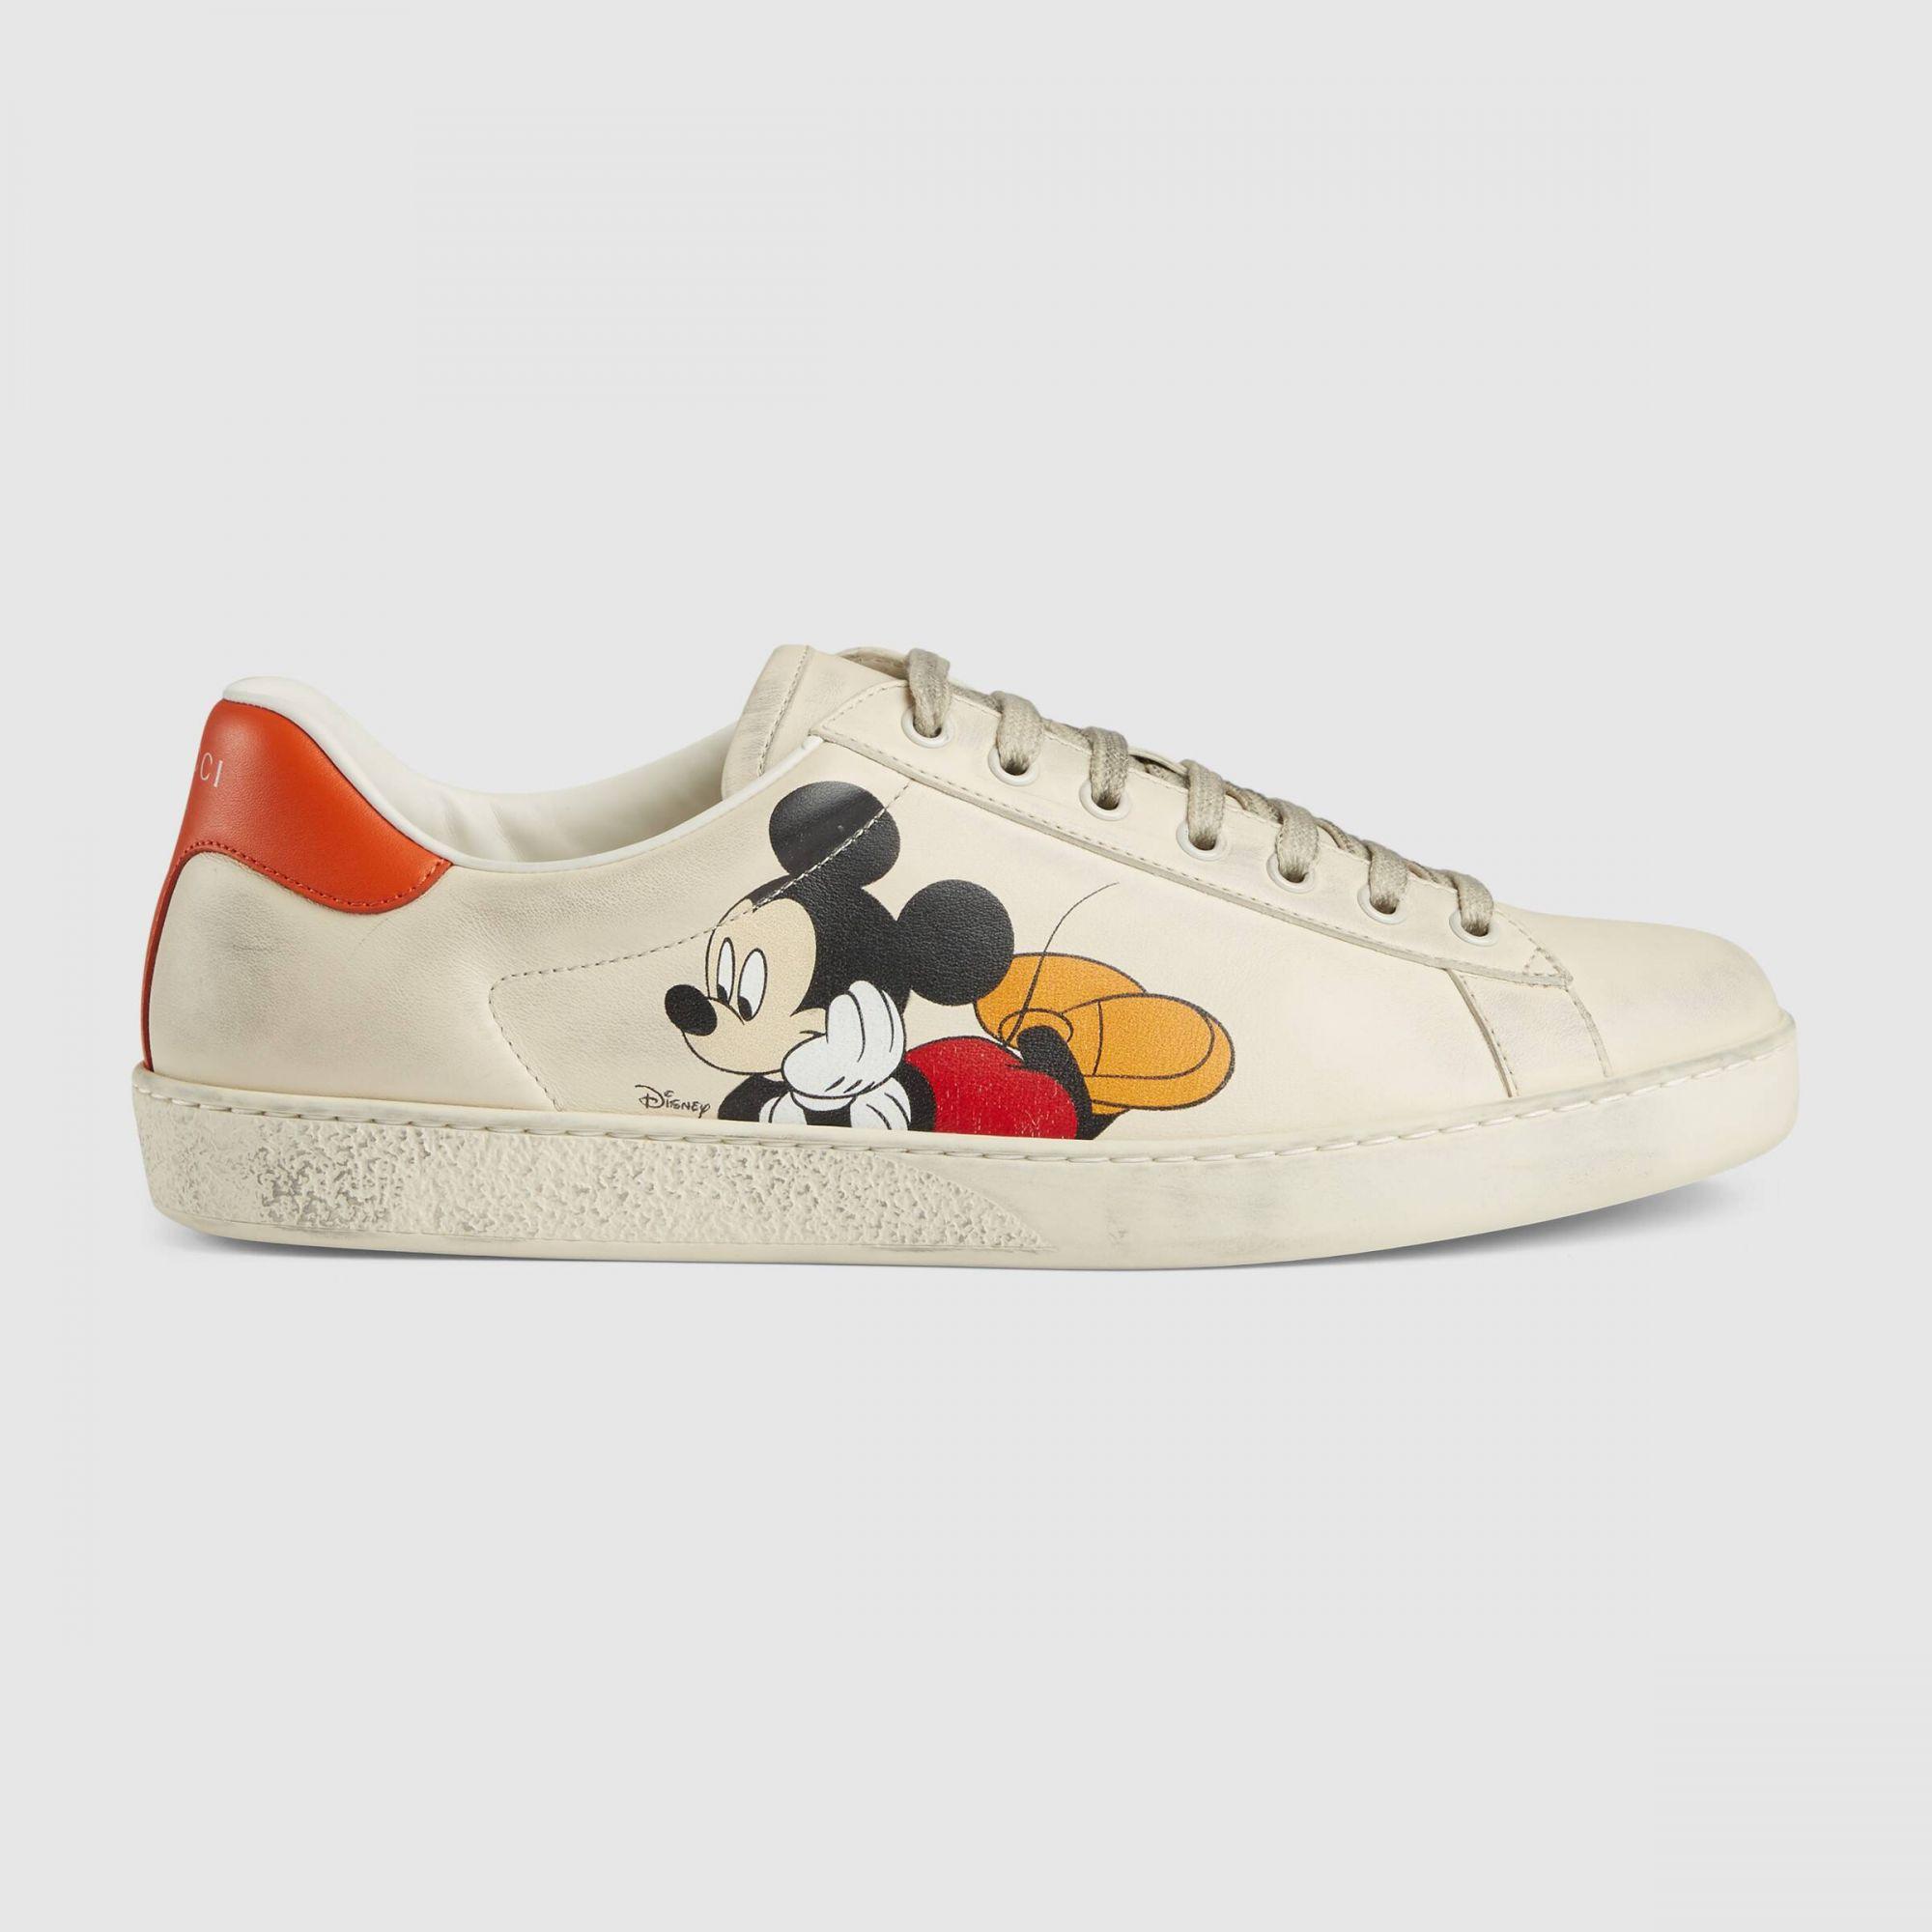 Scarpe Gucci per Disney - Neomag.